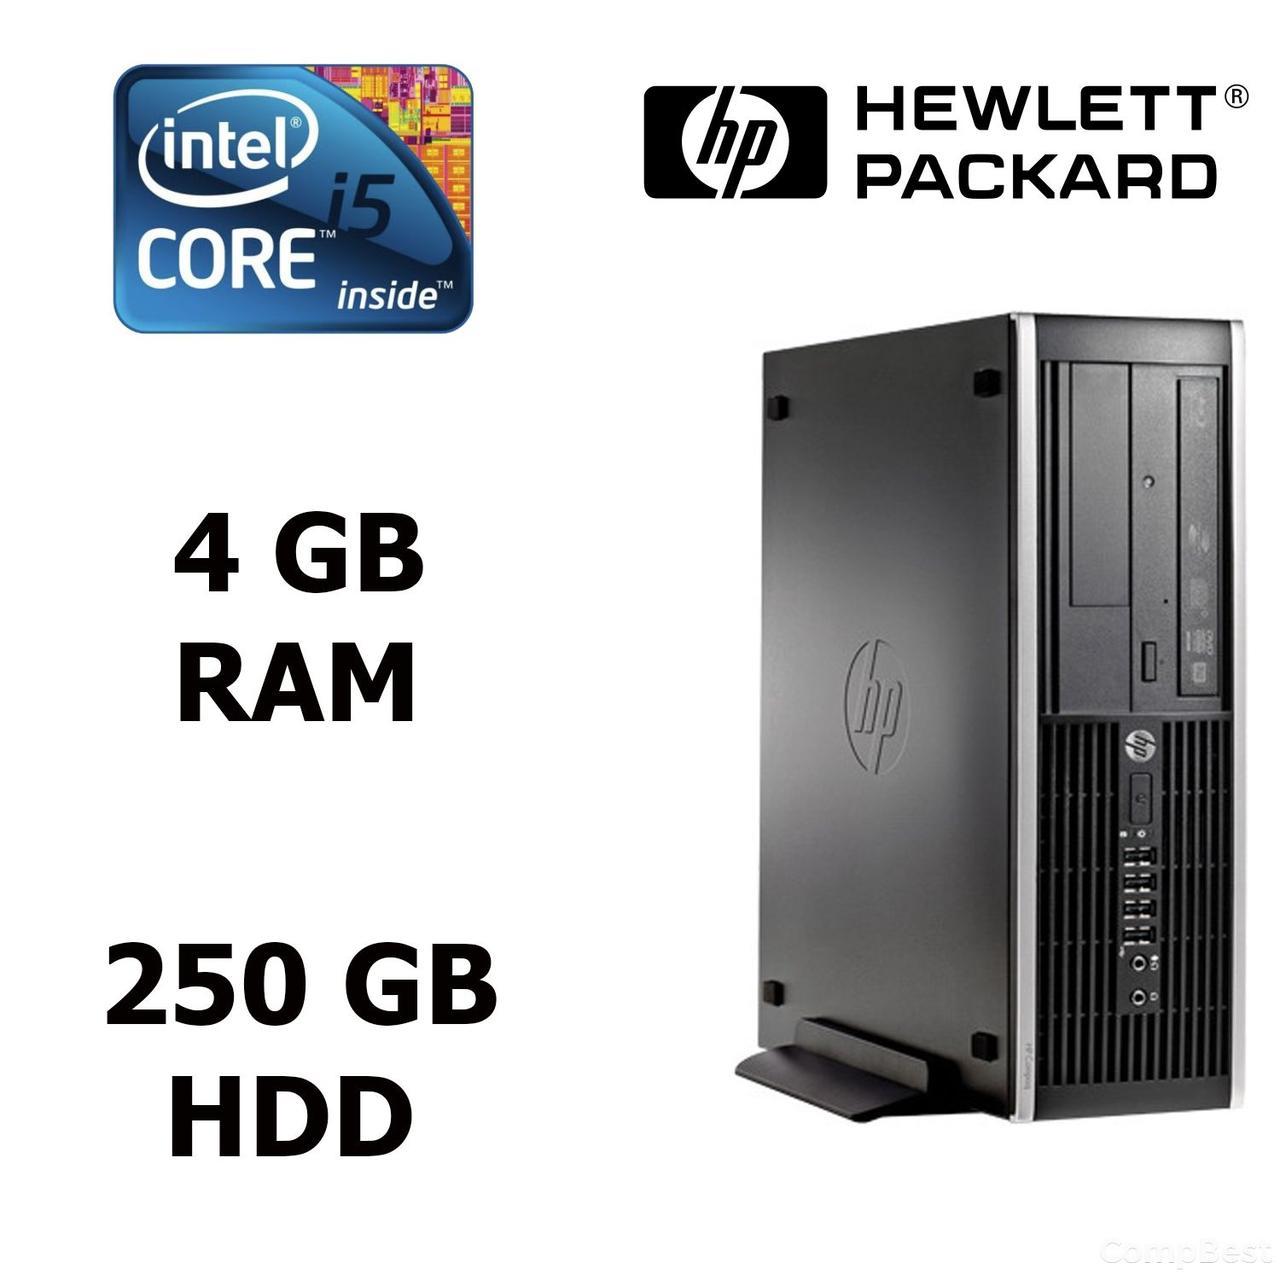 HP Compaq 8200 USFF / Intel Core i5-2500S (4 ядра по 2,70 - 3,70 GHz) / 4 GB DDR3 / 250 GB HDD / ATI Radeon 5450 512MB / DVD-RW